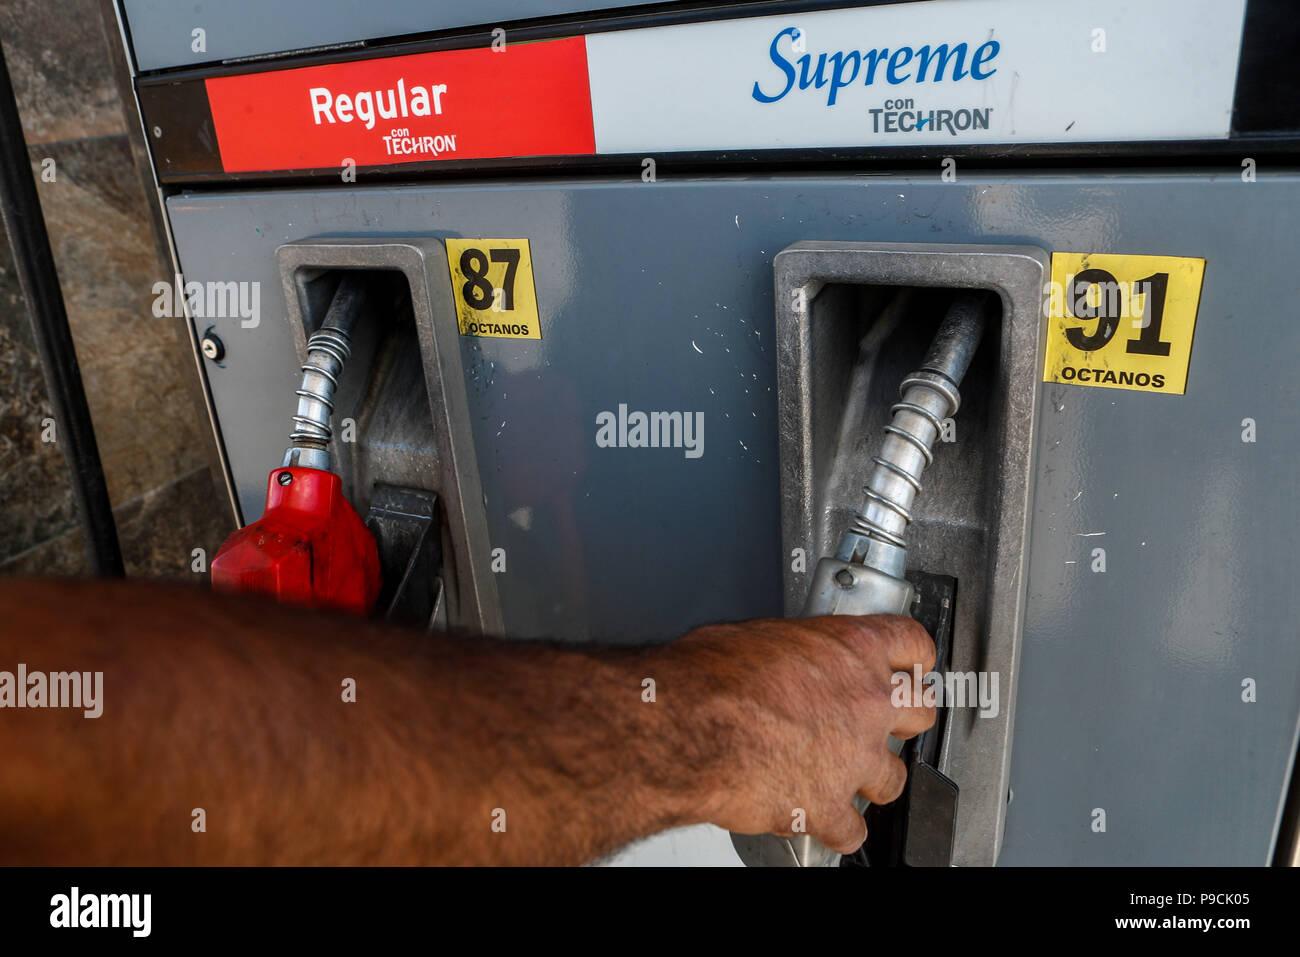 f9569aed543b Gasolinera Chevron en México. Techron. Estación de gas. Servicio de ...